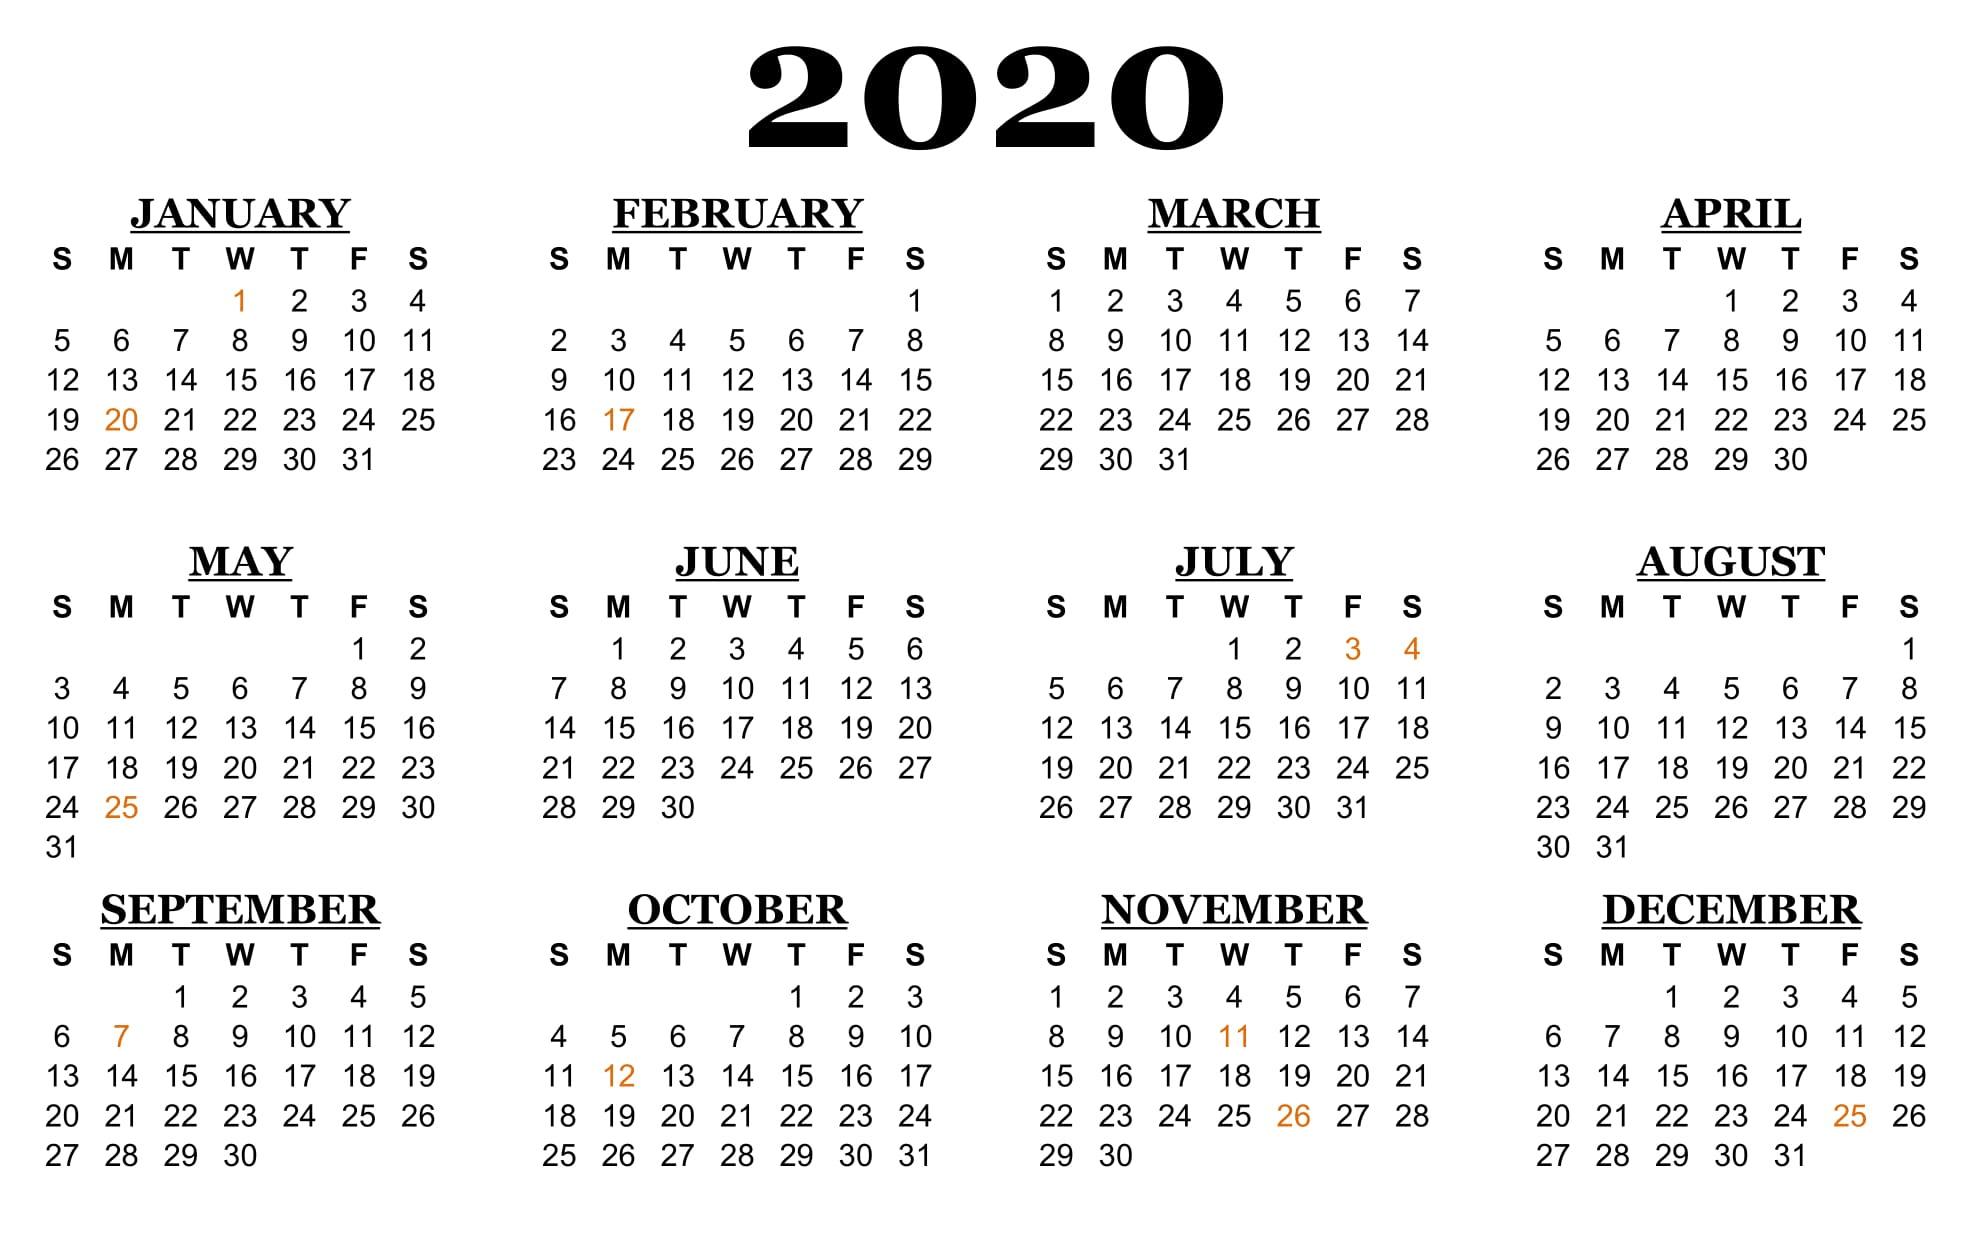 Printable 2020 2020 School Calendar - Monte-2020 Calenderwa School Holidays Printable